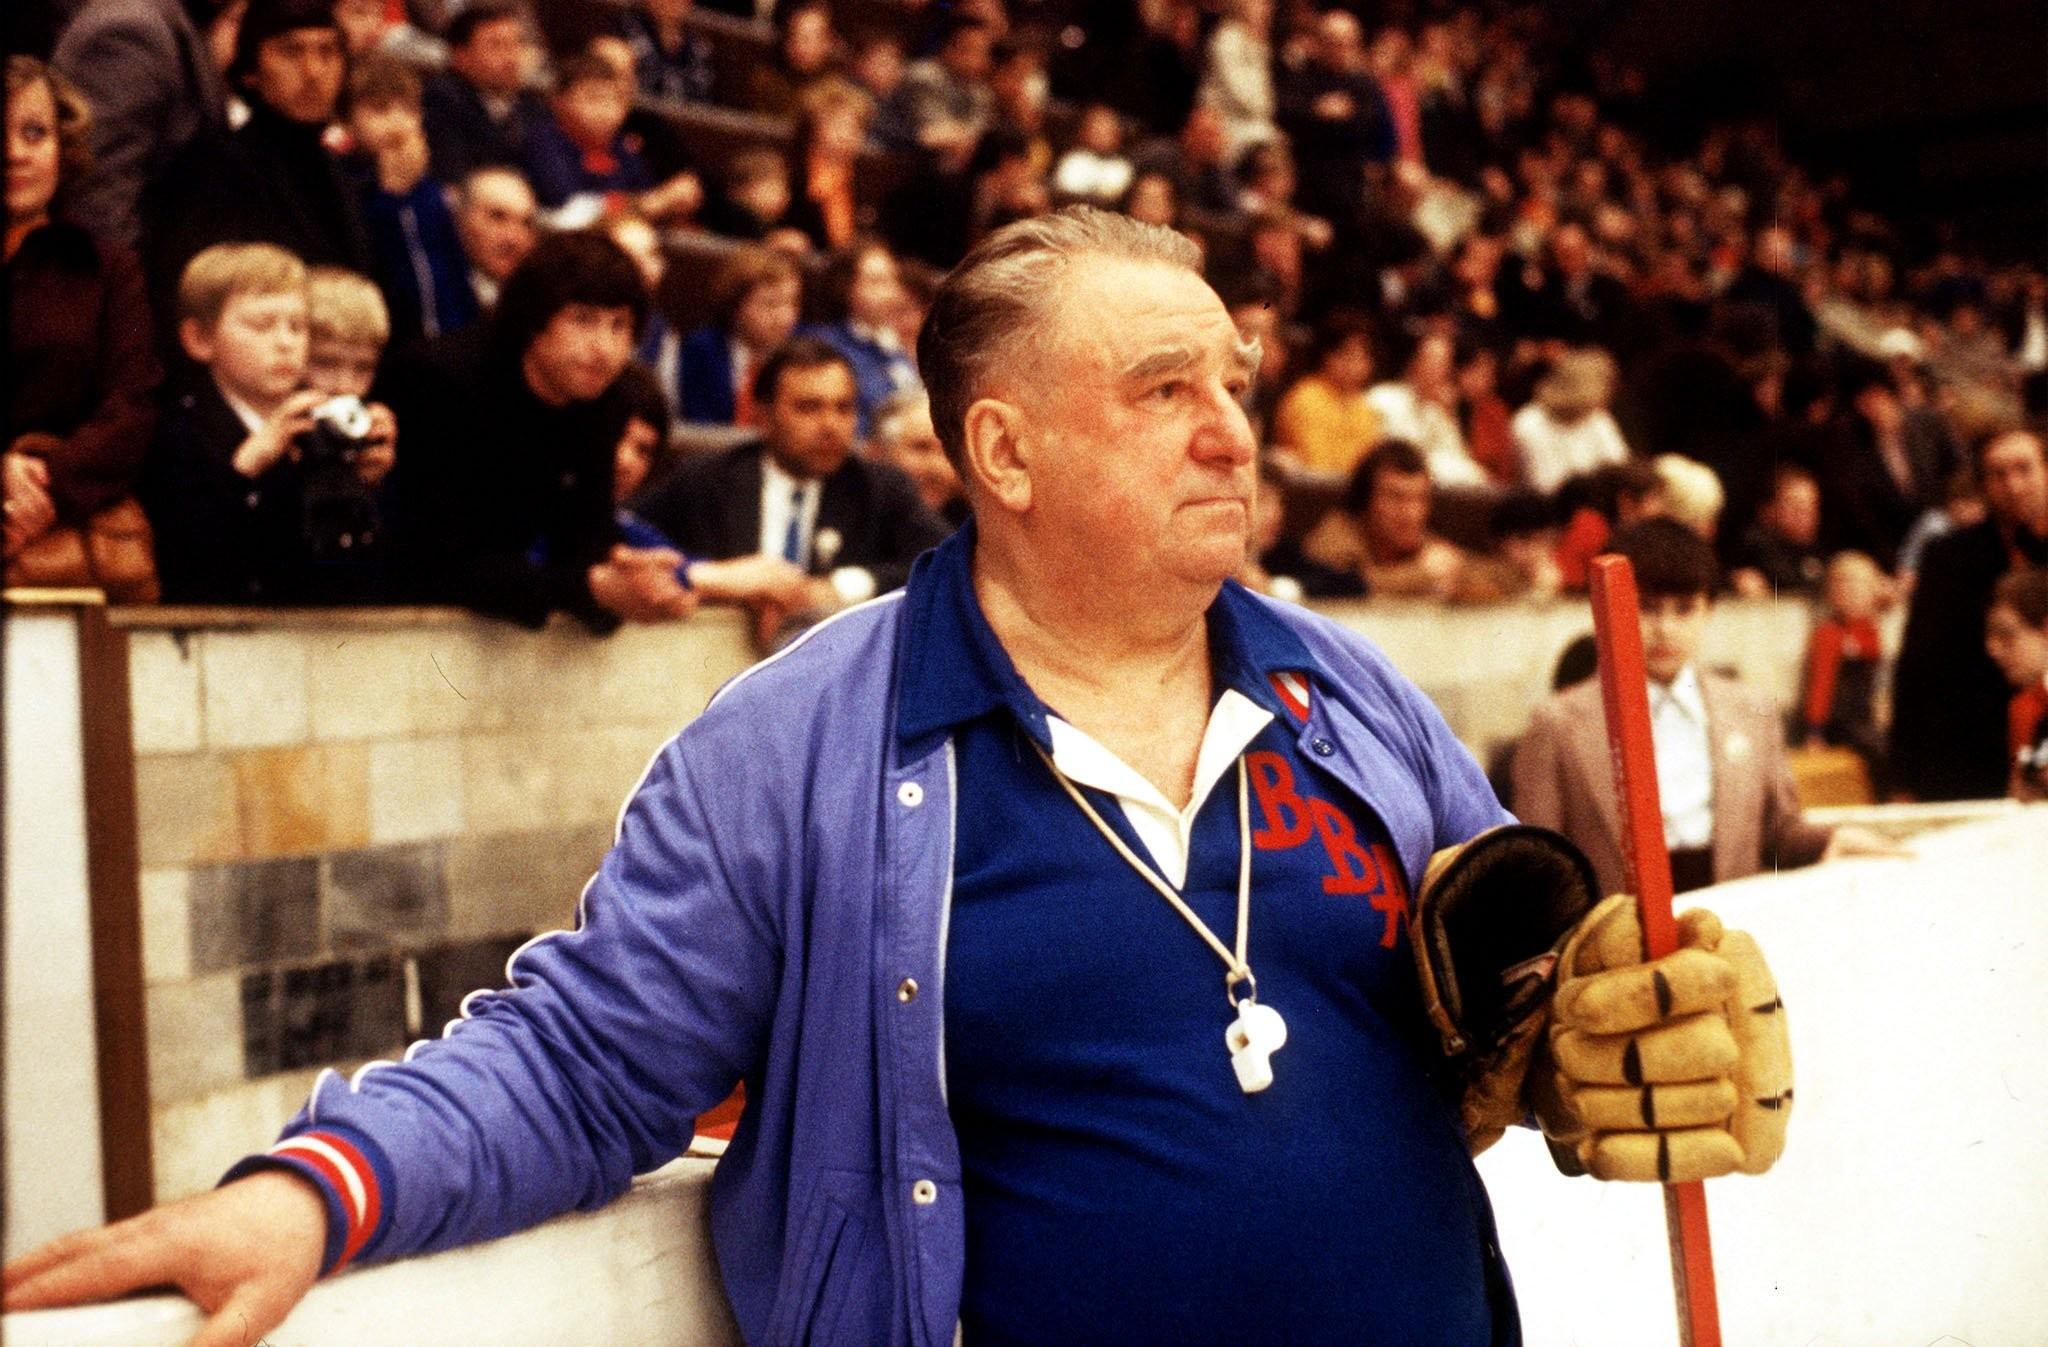 Нужна ли хоккею тотальная цифровизация? Принципиально разные позиции на революционную новинку НХЛ